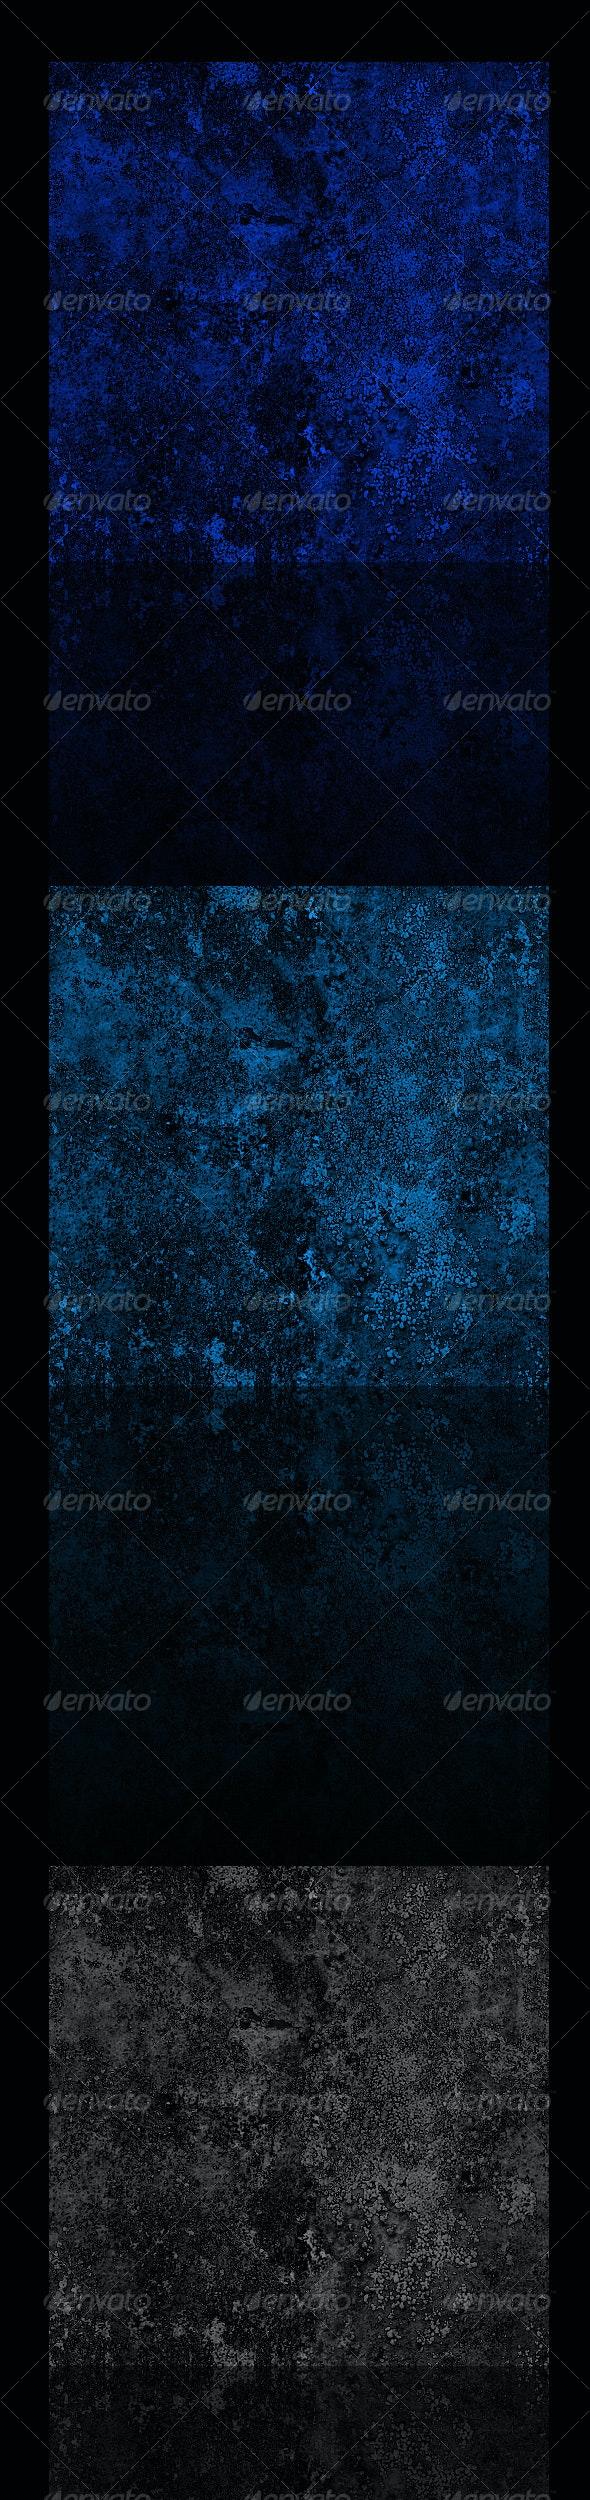 Grunge Seamless Texture - Industrial / Grunge Textures